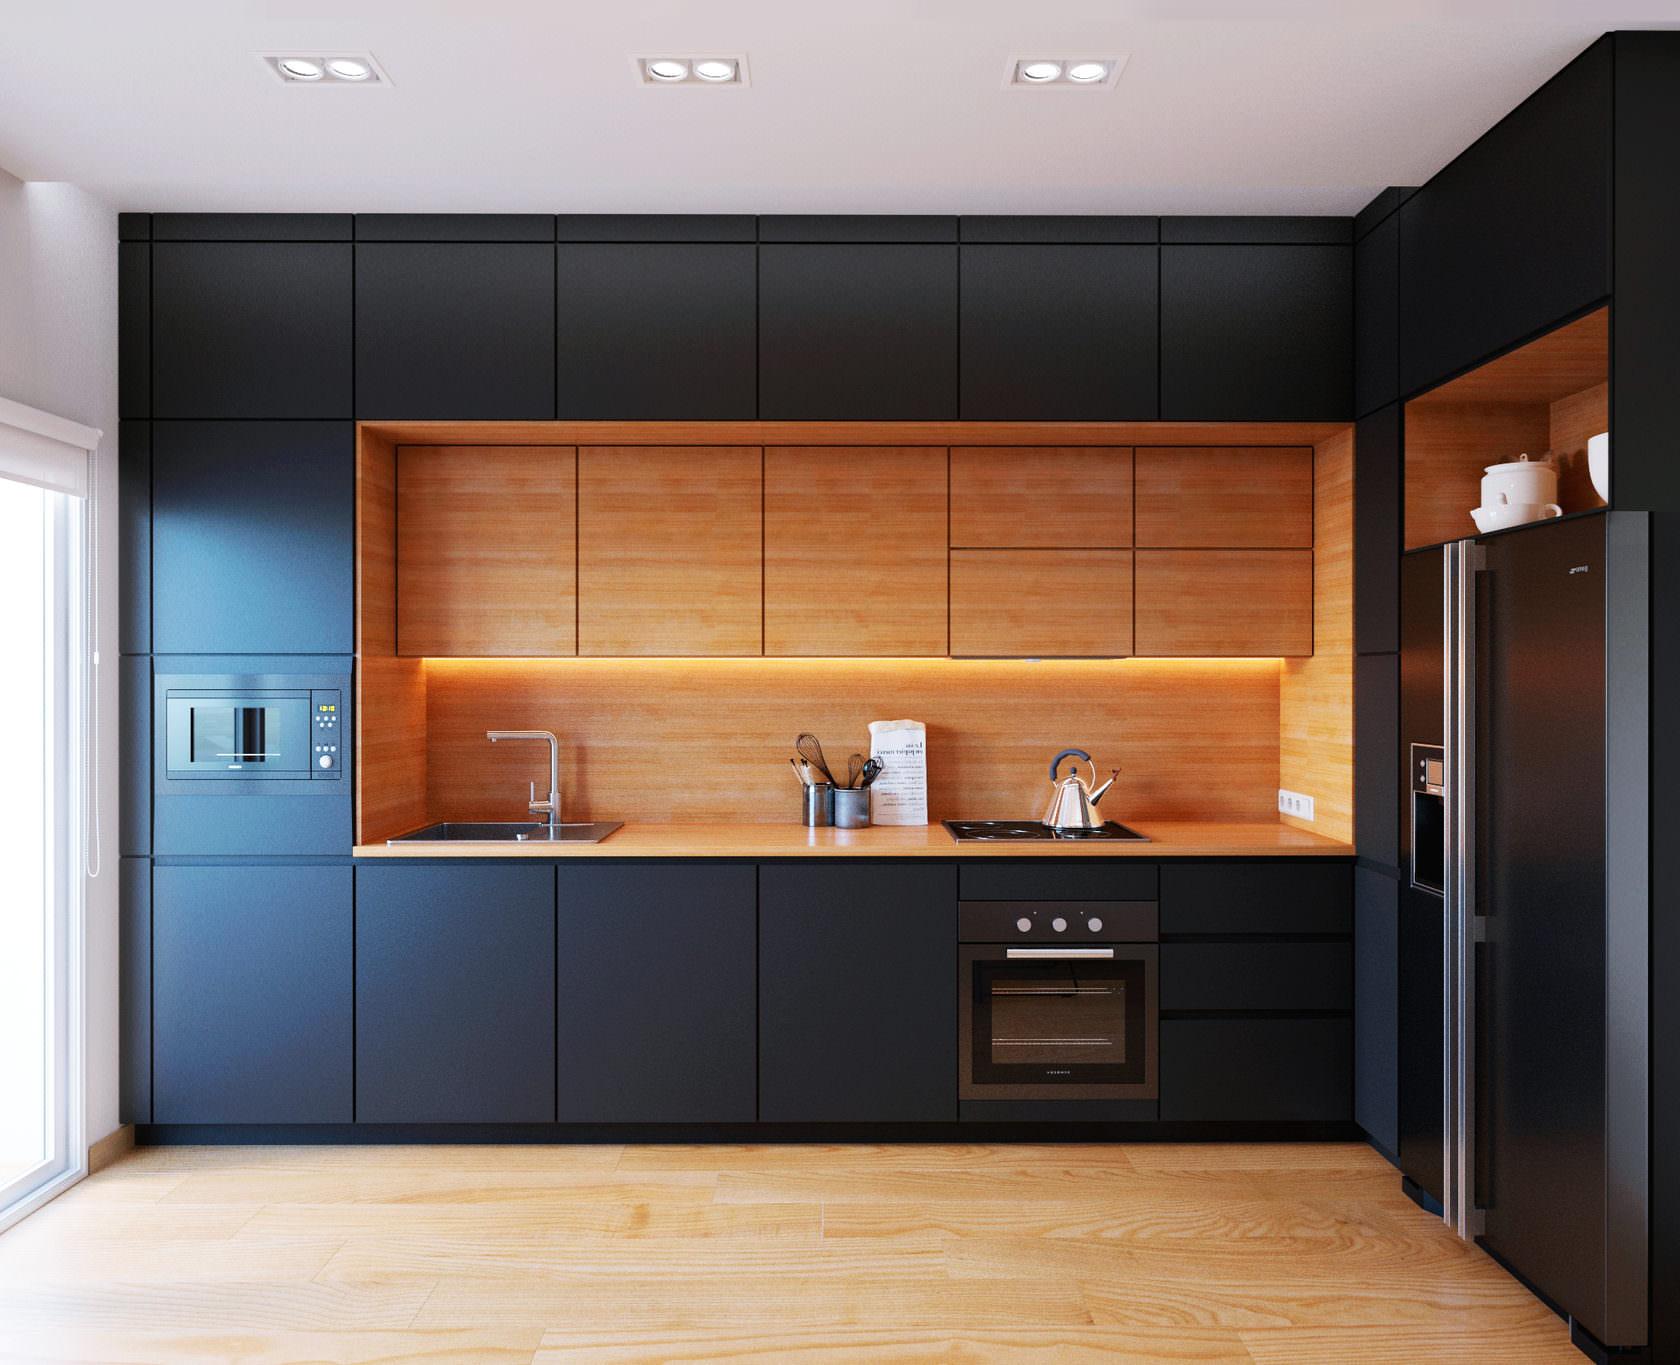 Кухня под потолок — практичное и удобное мебельное решение